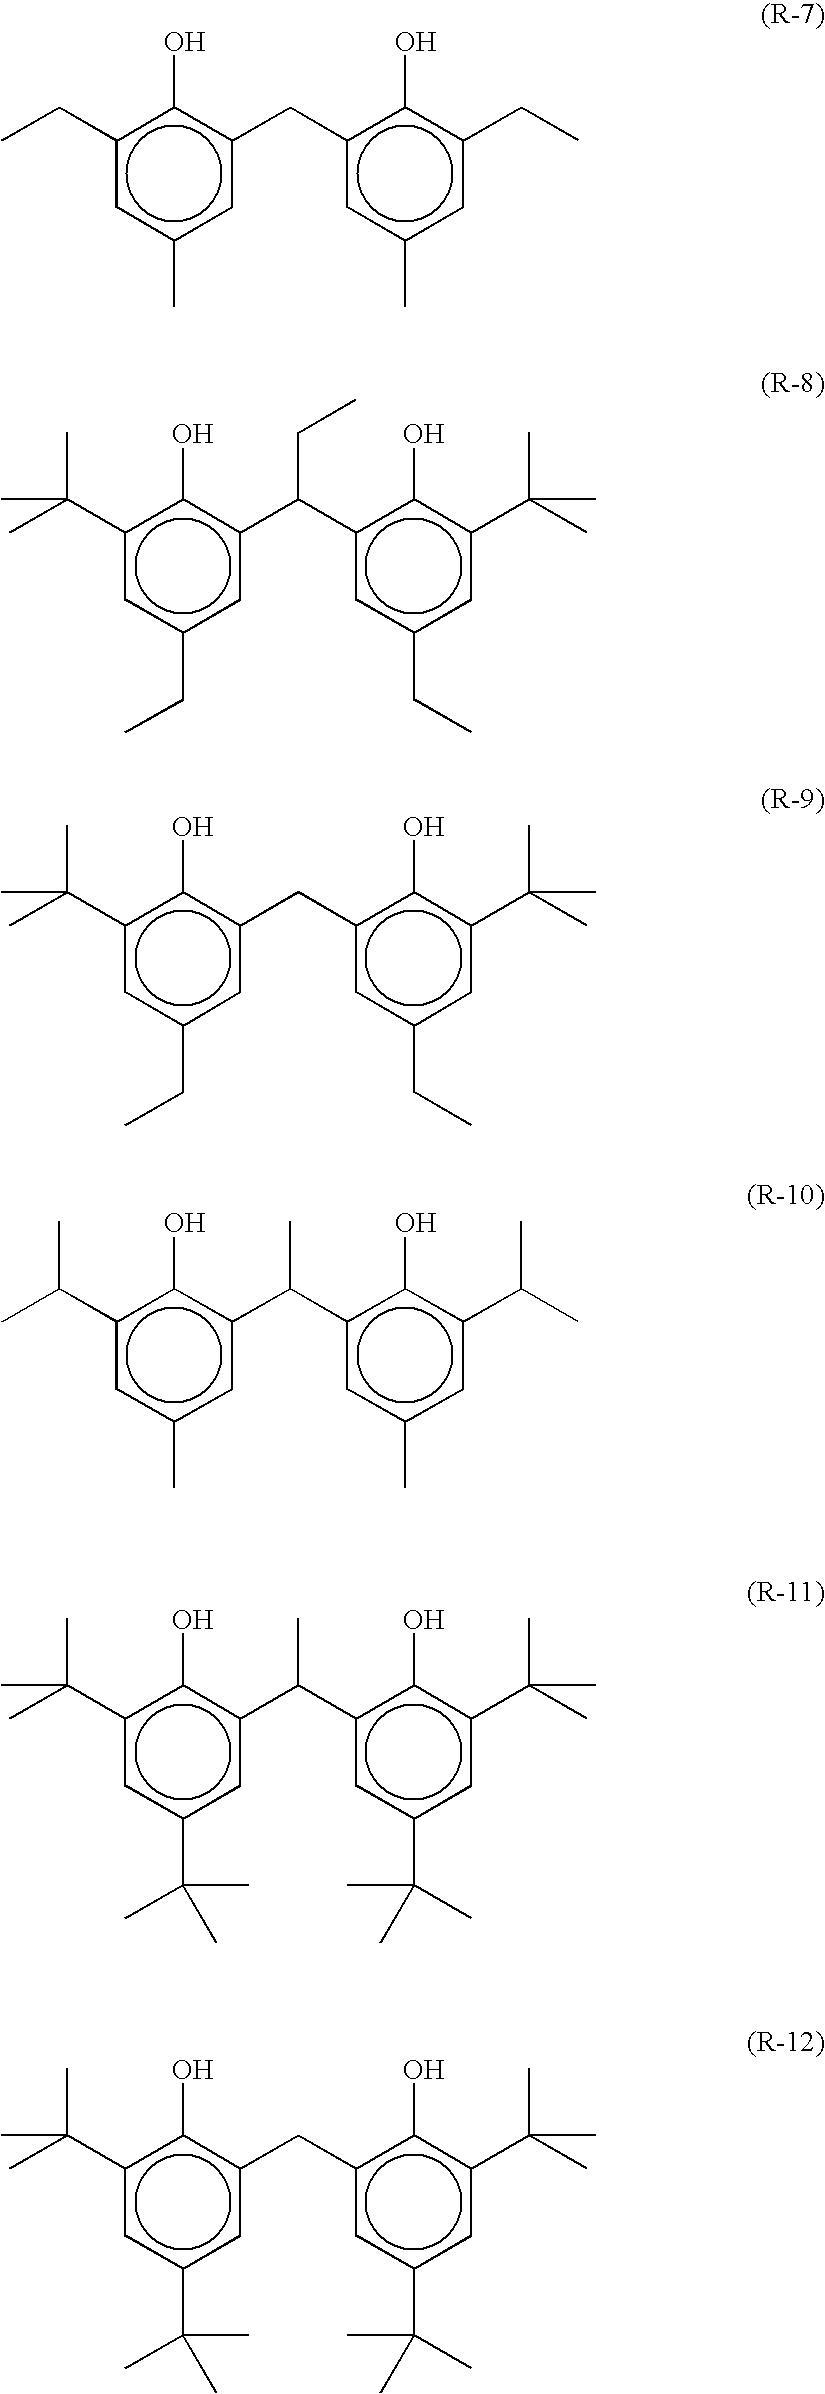 Figure US07133057-20061107-C00014